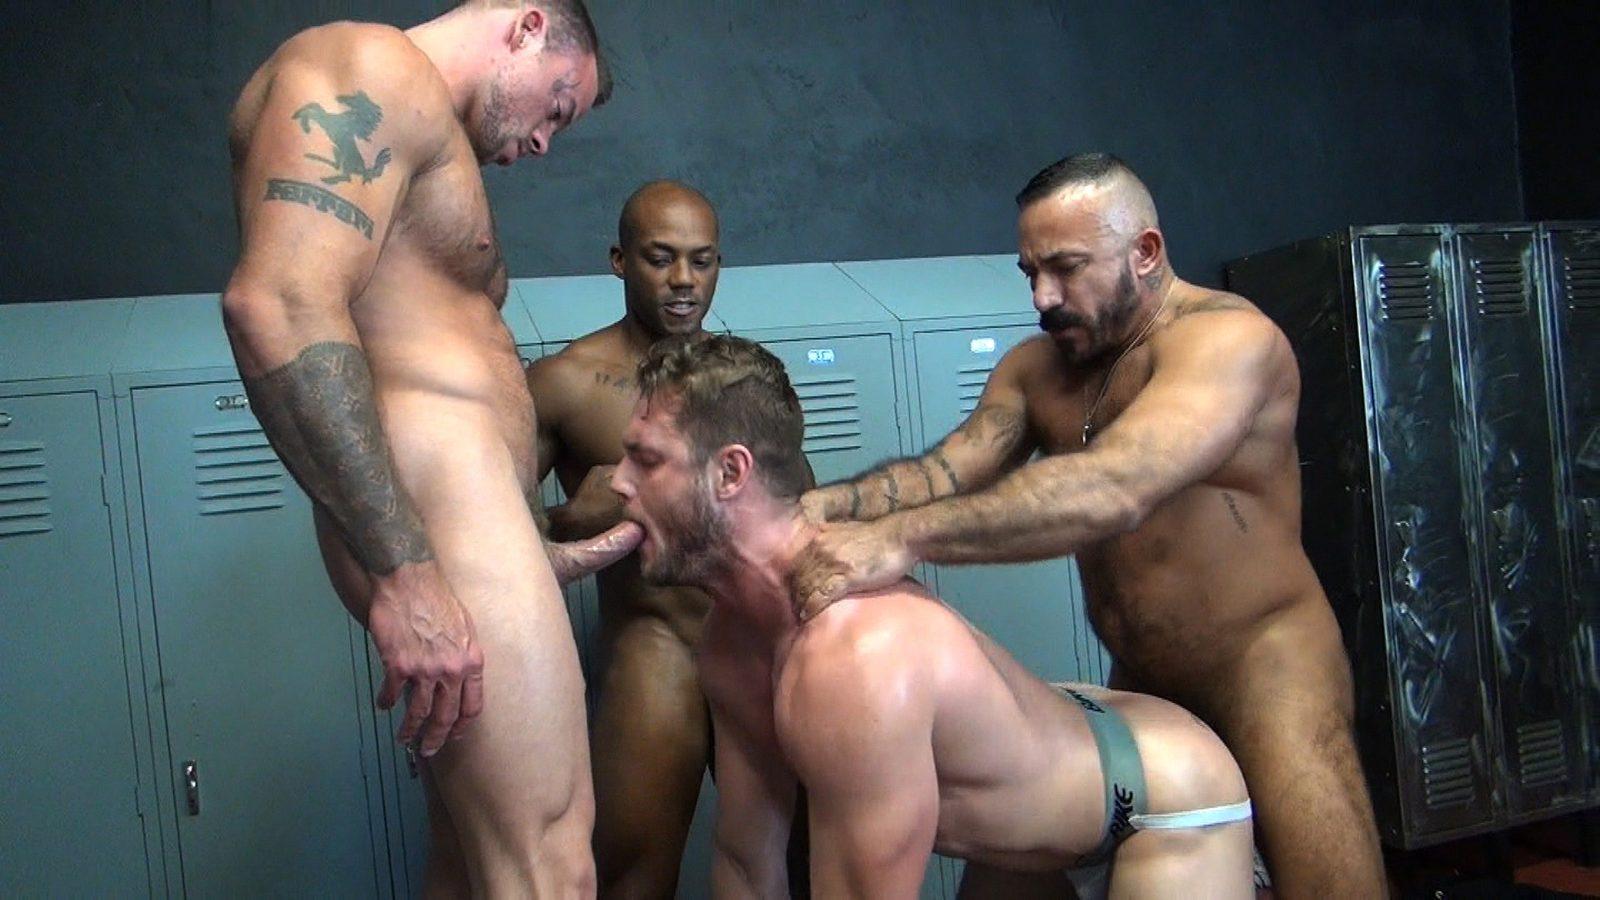 Gay gang ban